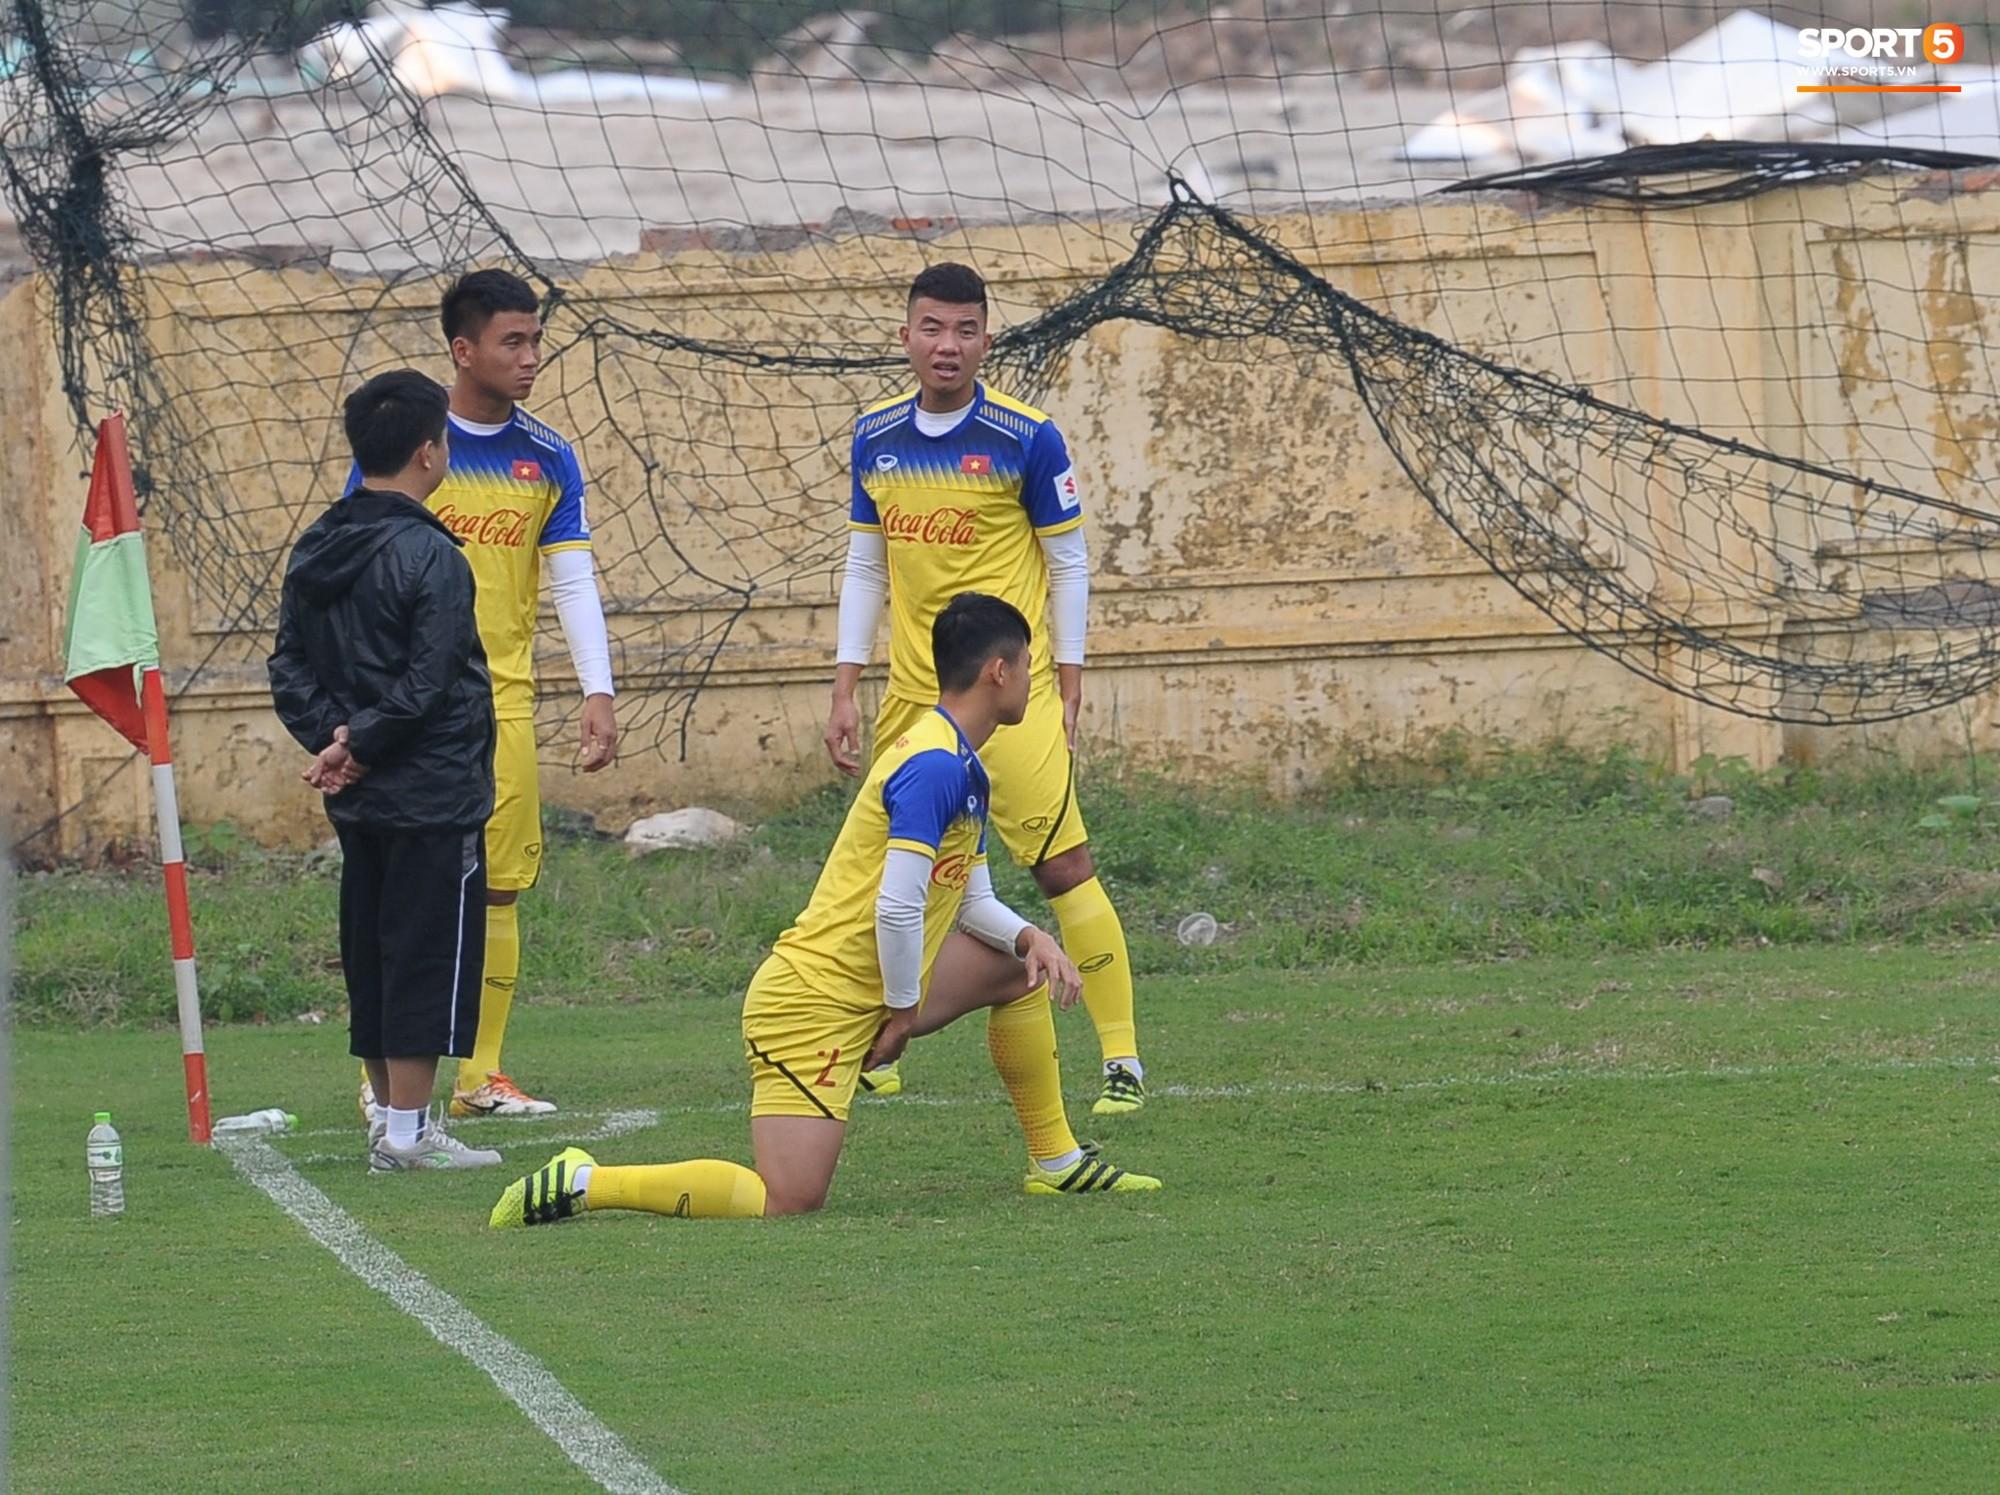 Đá ma mà cũng nắm chặt tay nhau thế này, bảo sao tuyển U23 Việt Nam luôn đoàn kết - Ảnh 11.